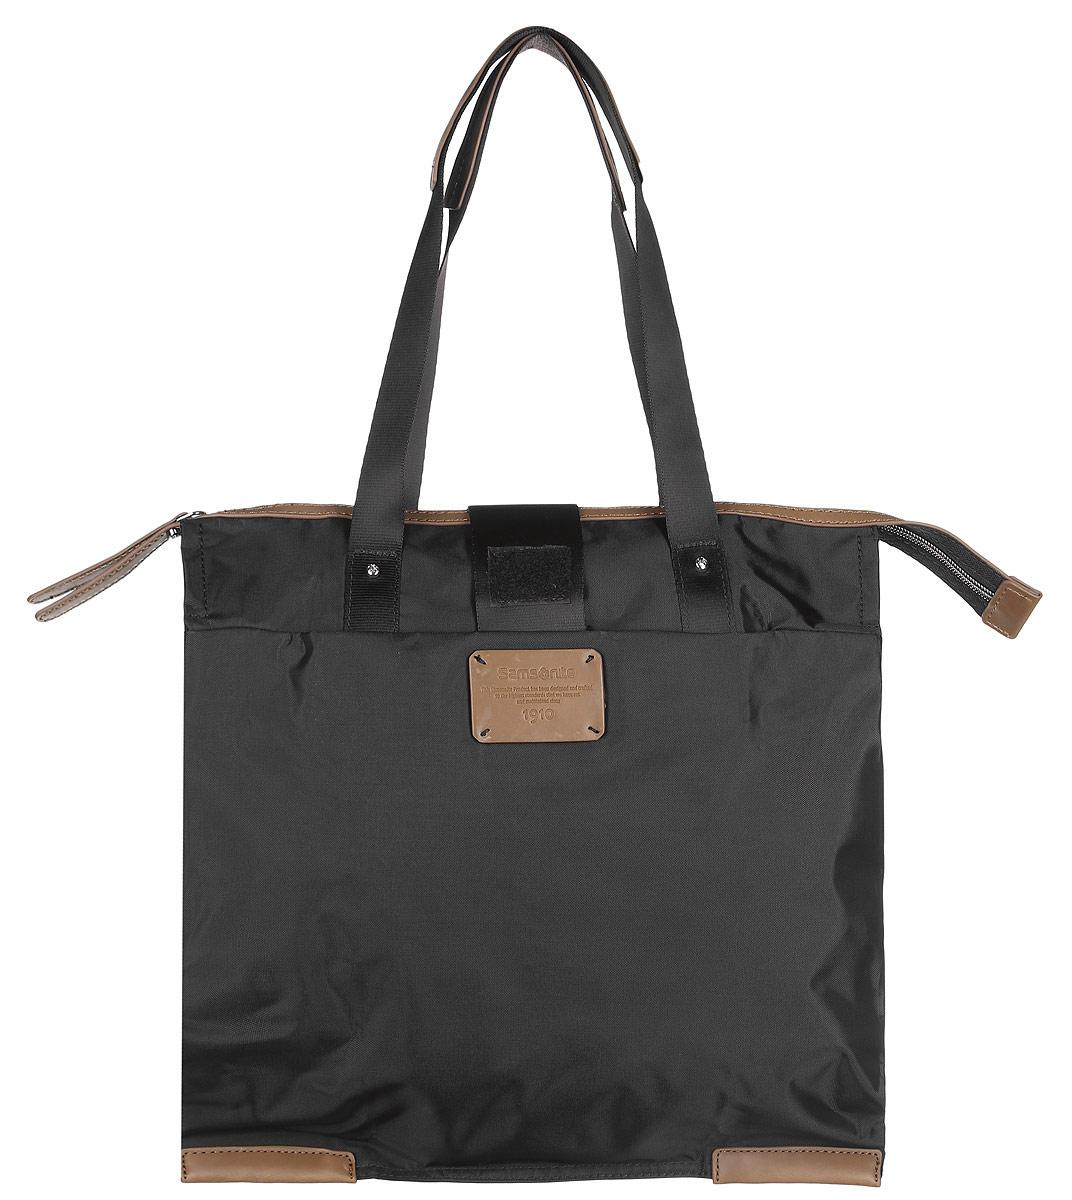 Сумка складная Samsonite, цвет: черный. 52V-09001KV996OPY/MСкладная женская сумка Samsonite выполнена из полиамида с добавлением полиуретана и оформлена контрастными вставками и нашивкой логотипа бренда. Изделие содержит одно вместительное отделение, закрывающееся на застежку-молнию. На внешней стороне сумки есть прорезной открытый карман. Сумка оснащена двумя удобными ручками, высота которых позволяет носить сумку как в руке, так и на плече.Сумка не имеет жесткой структуры, за счет чего быстро складывается и фиксируется хлястиком с липучкой и не занимает много места. Такая сумка будет удобна в хранении и в использовании.